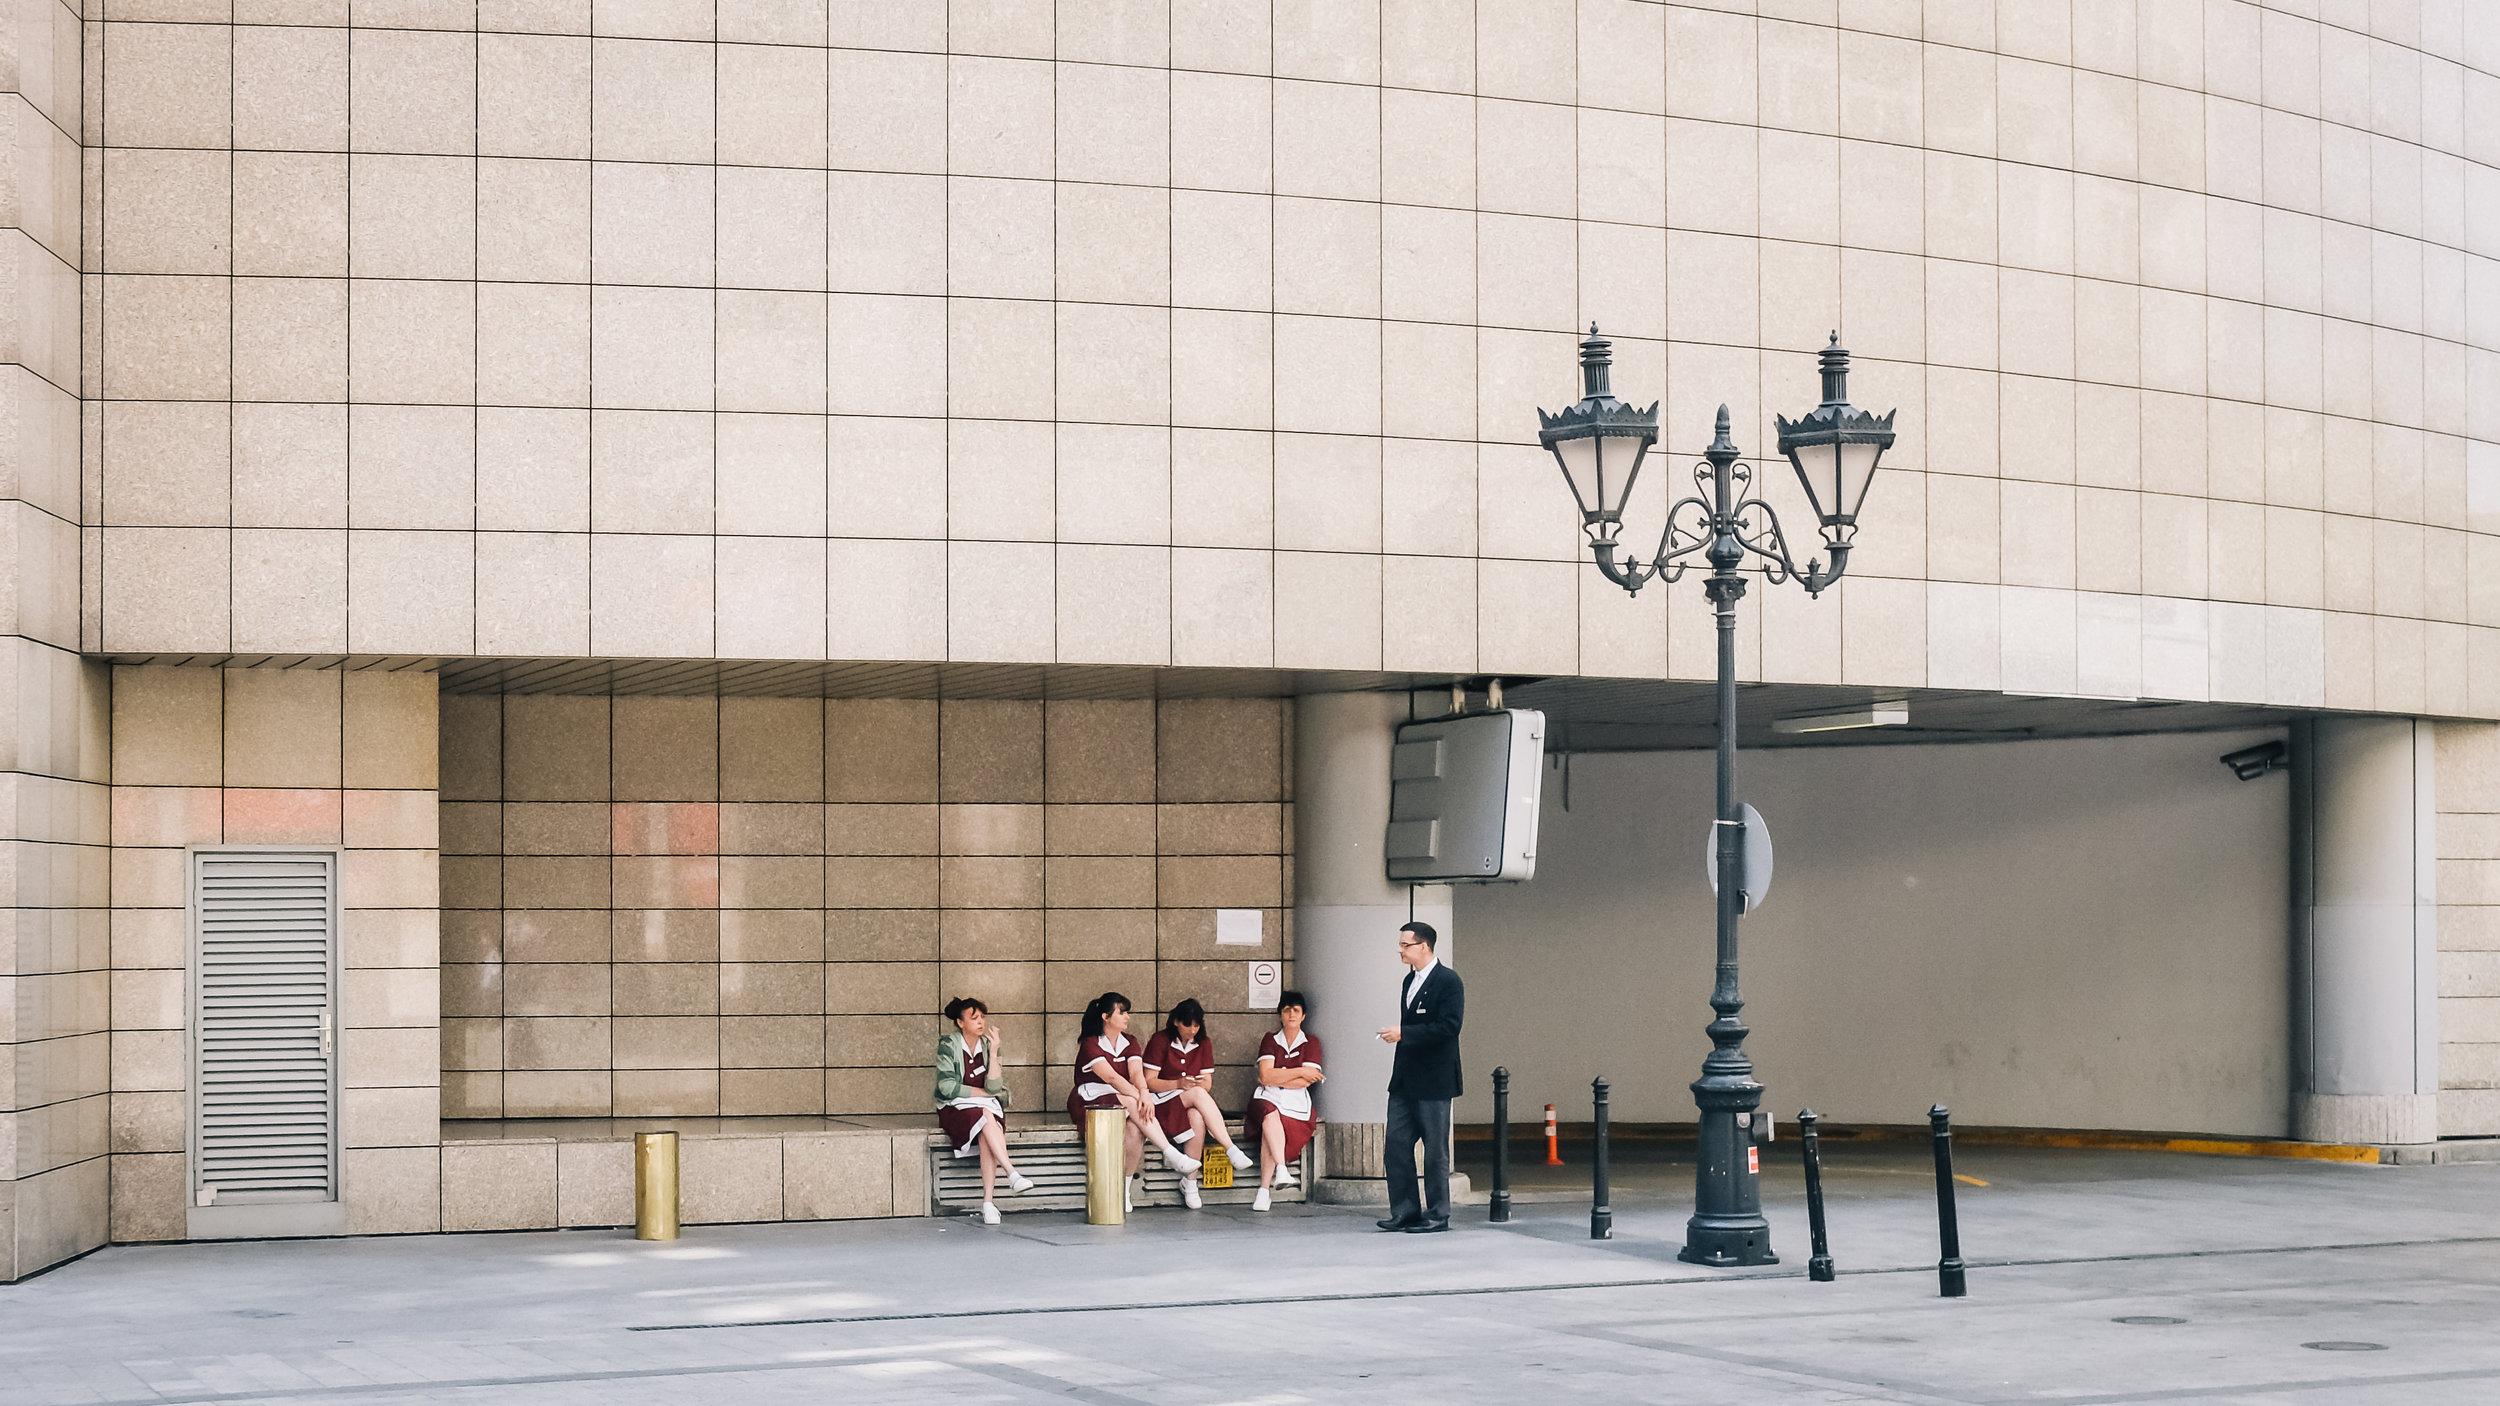 Μεσημεριανό διάλειμμα στους δρόμους της Βουδαπέστης